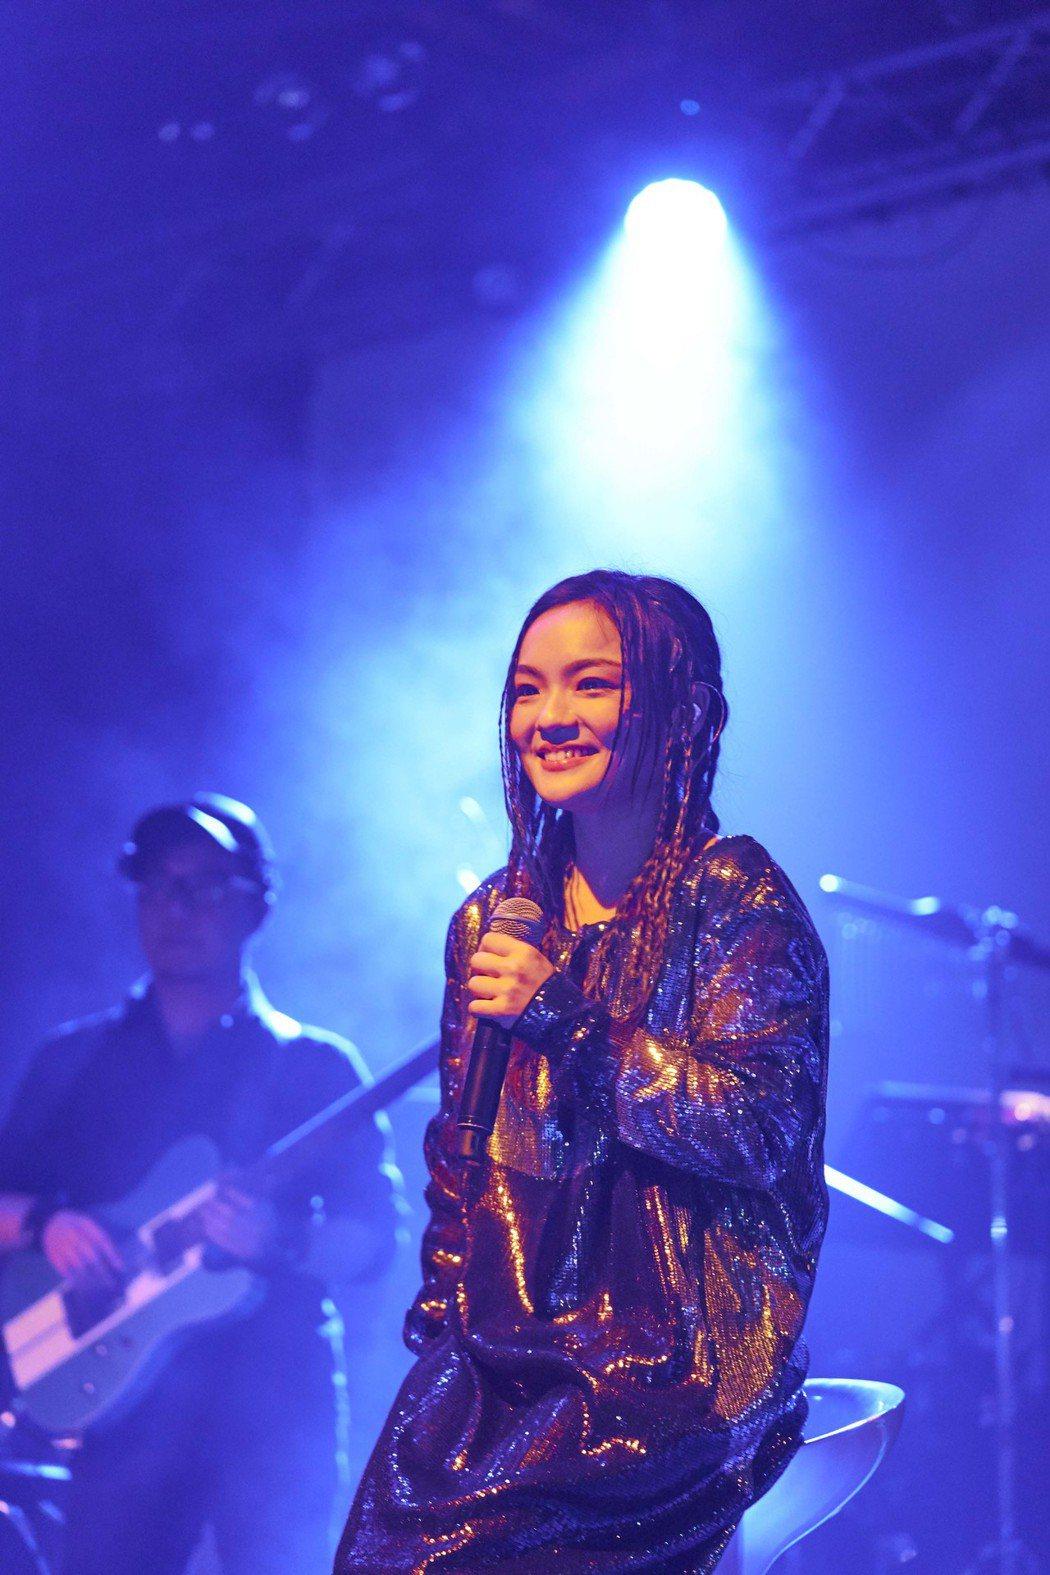 徐佳瑩在台上深情獻唱。圖/亞神提供